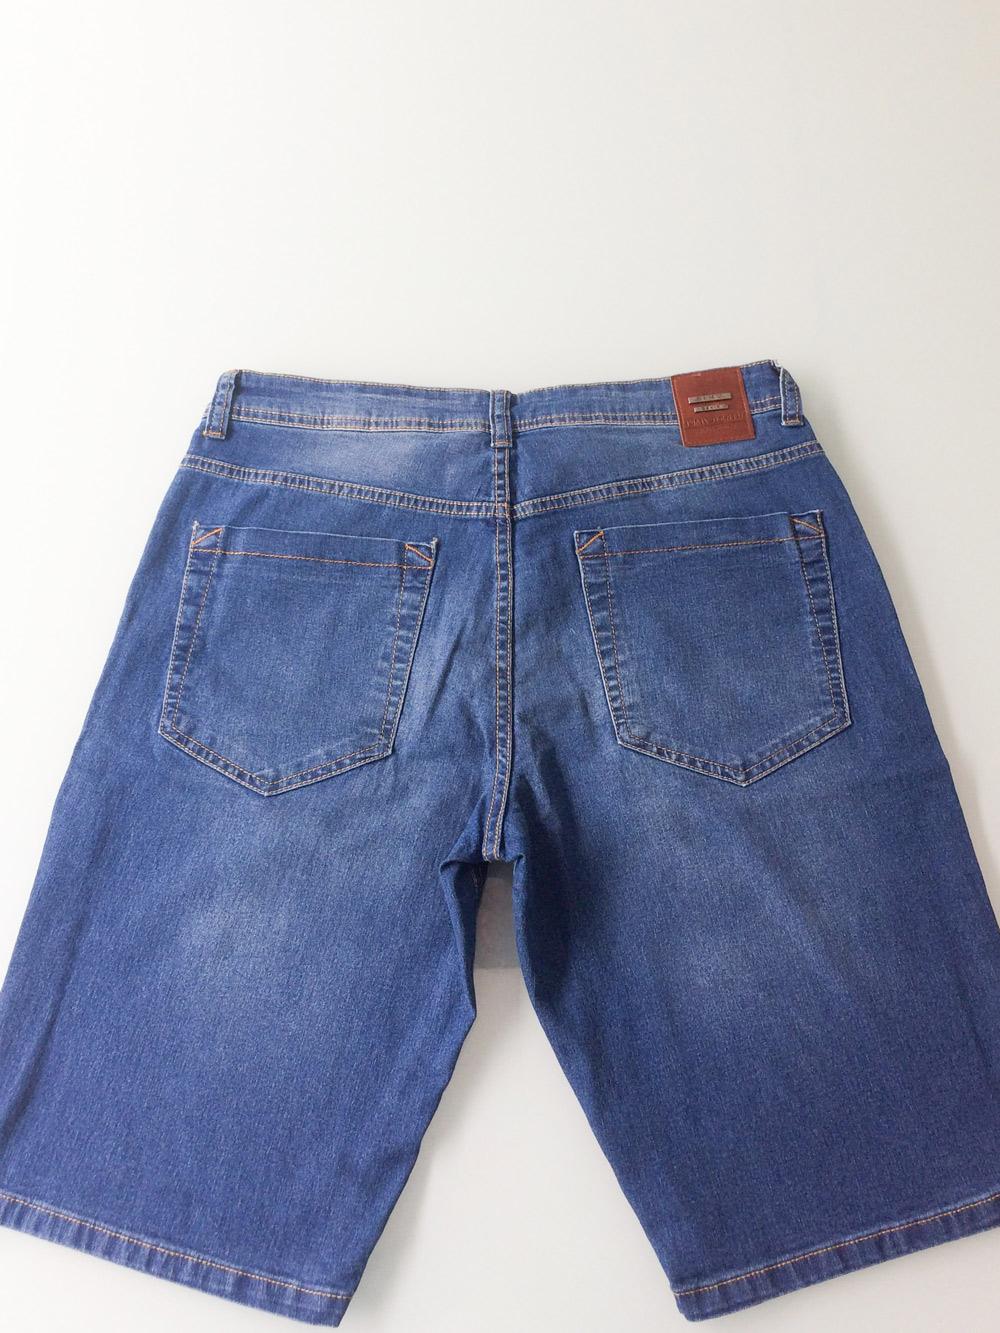 Bermuda Masculina Jeans Tradicional Robert Dimy